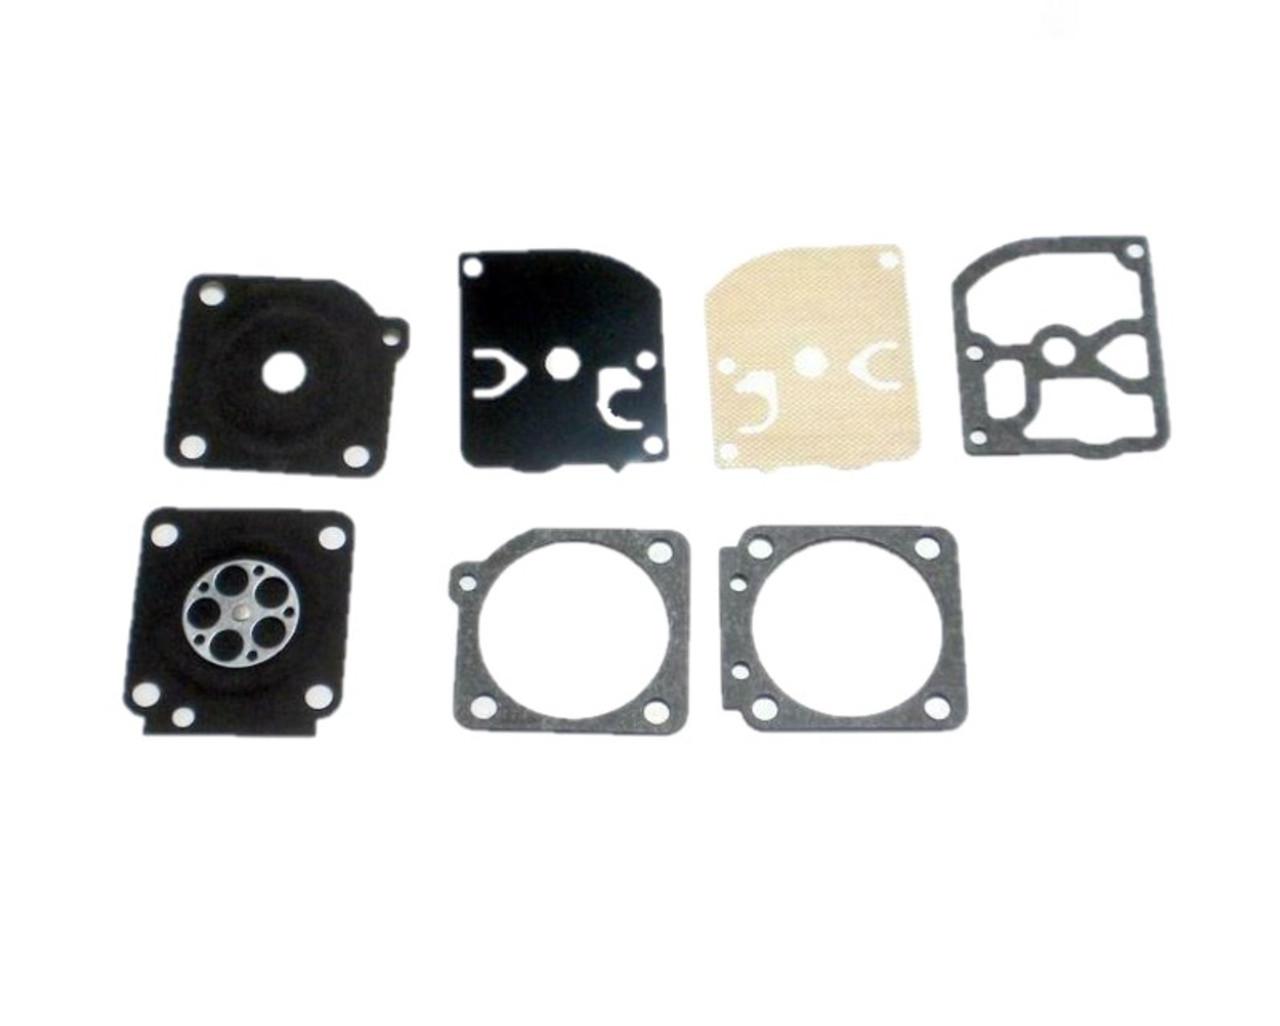 Dolmar Ps-510, Ps-5105, Ps460, Ps-5100, Makita Ea5000, Dcs Gasket and Diagram Kit GND-27  Carburetor Kit New OEM 181153020